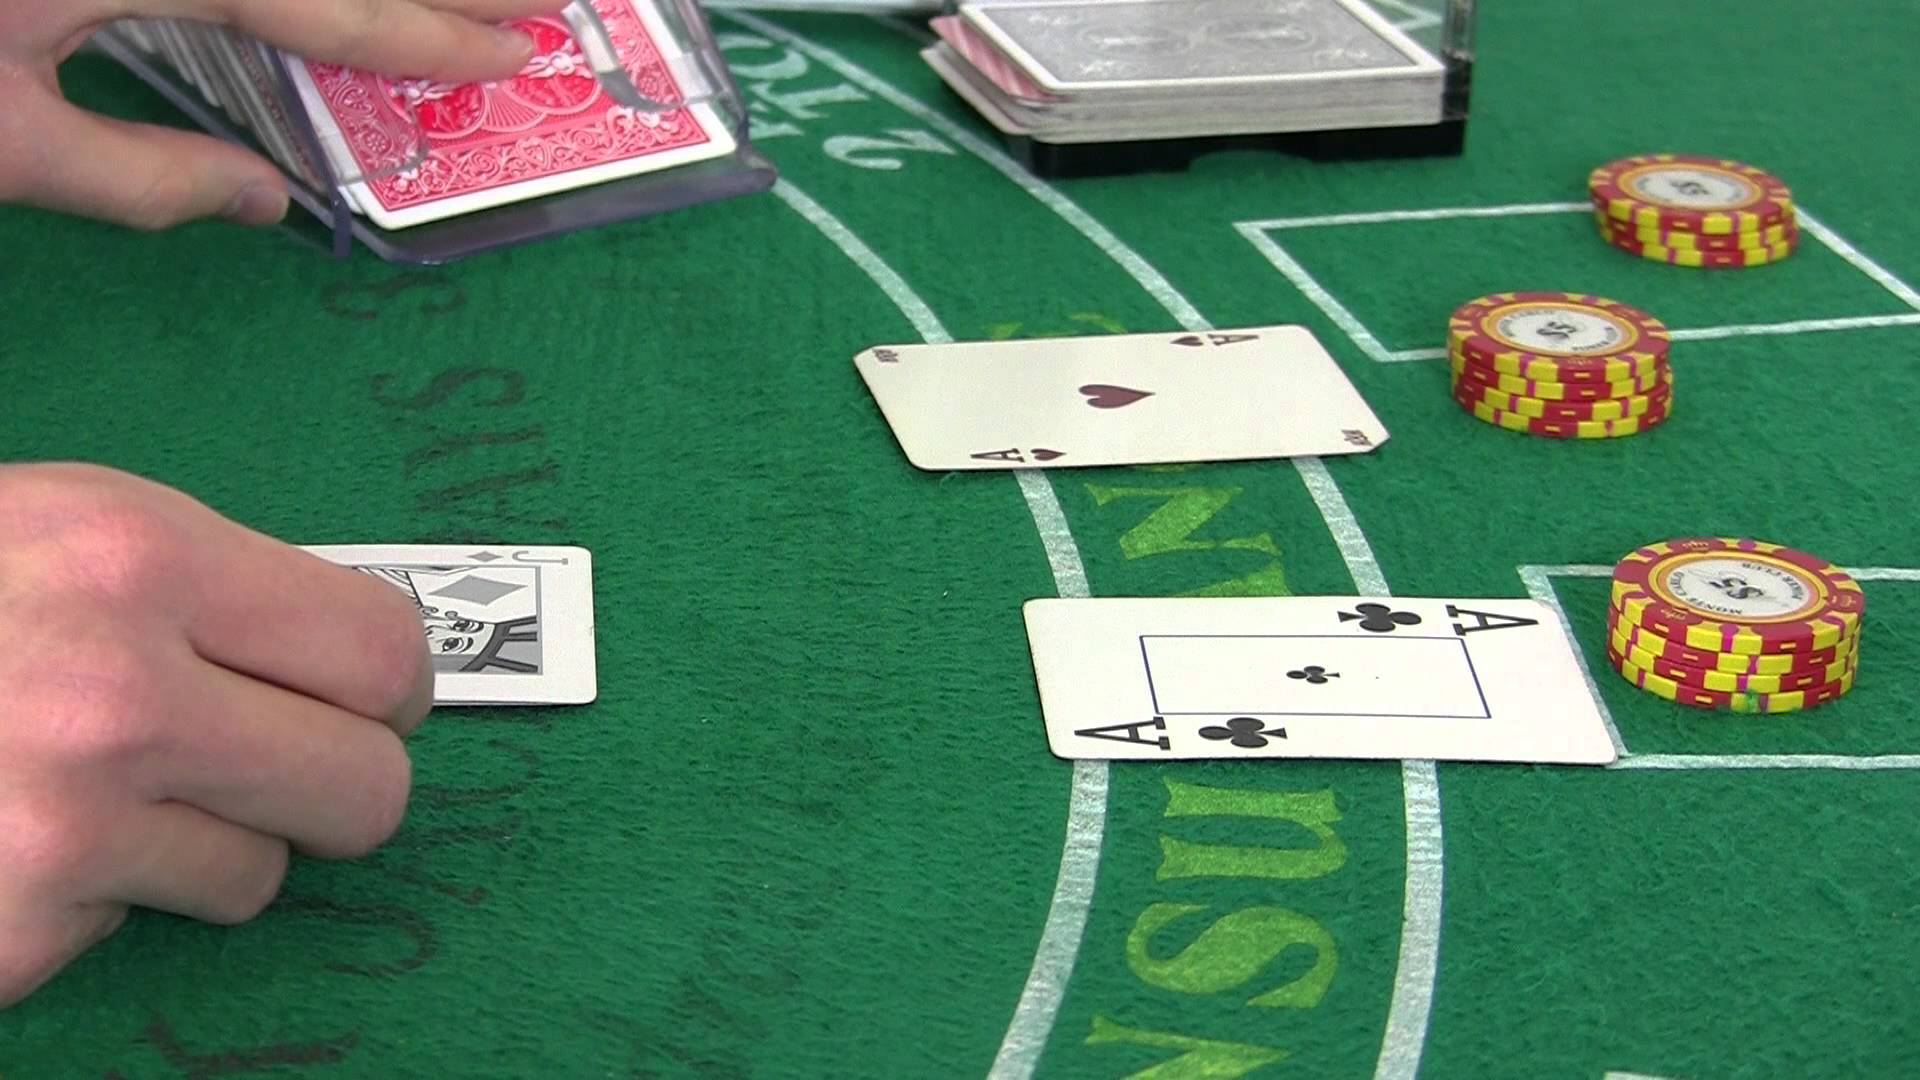 Stratégies pour gagner aux jeux casino